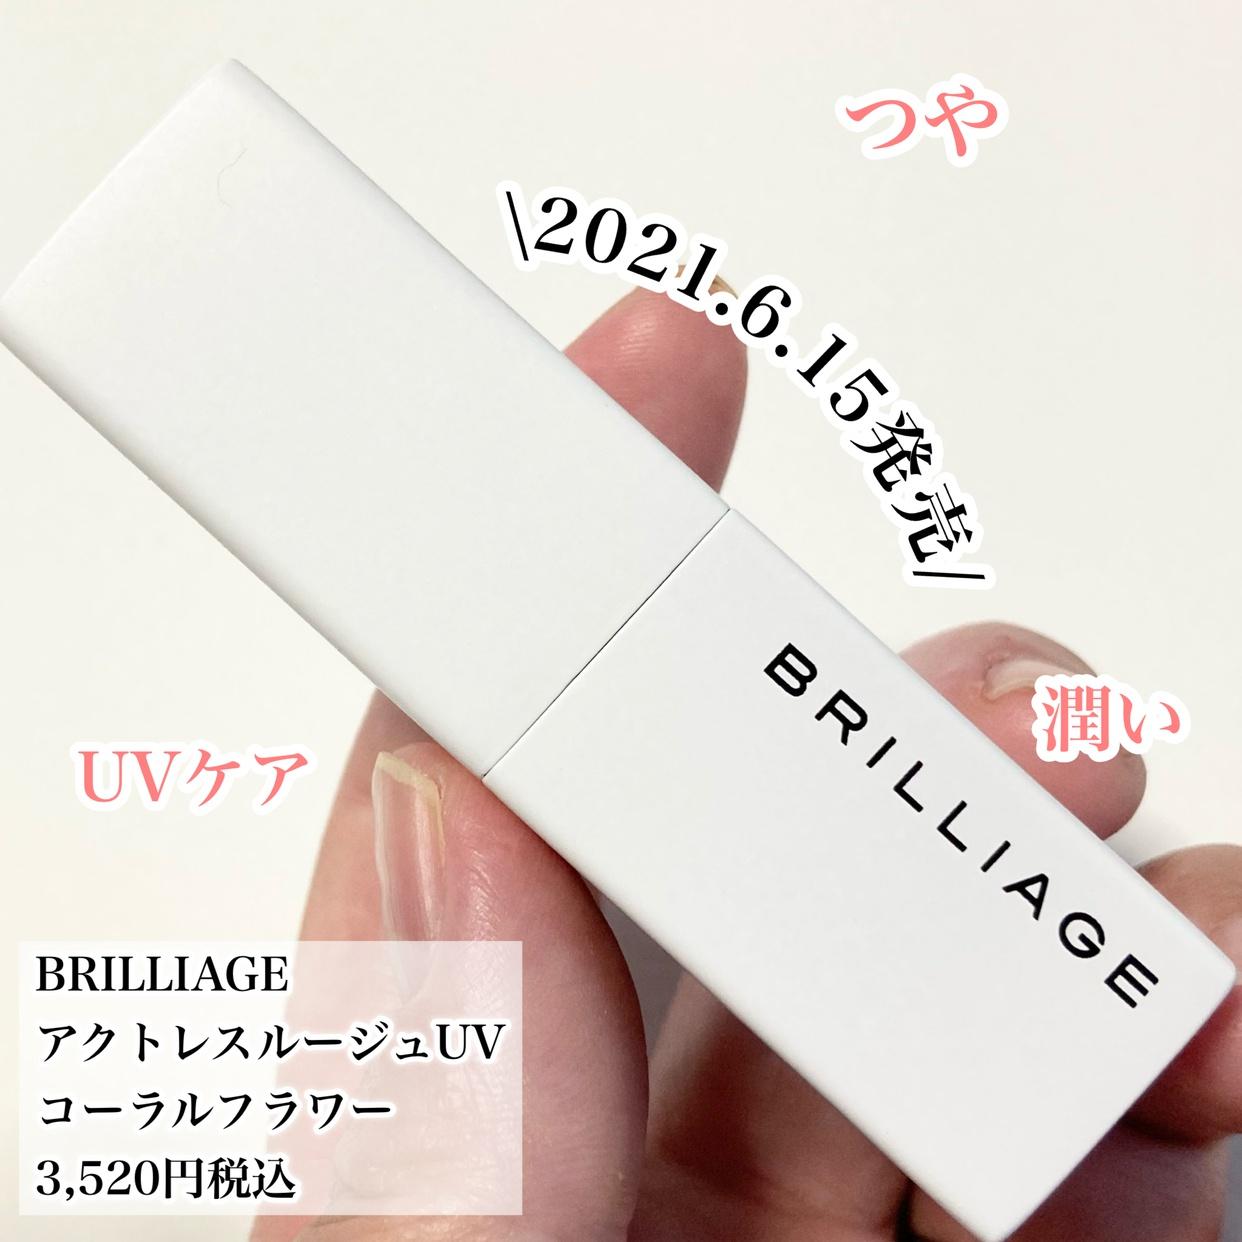 BRILLIAGE(ブリリアージュ) アクトレスルージュUVを使った☆ふくすけ☆さんのクチコミ画像2